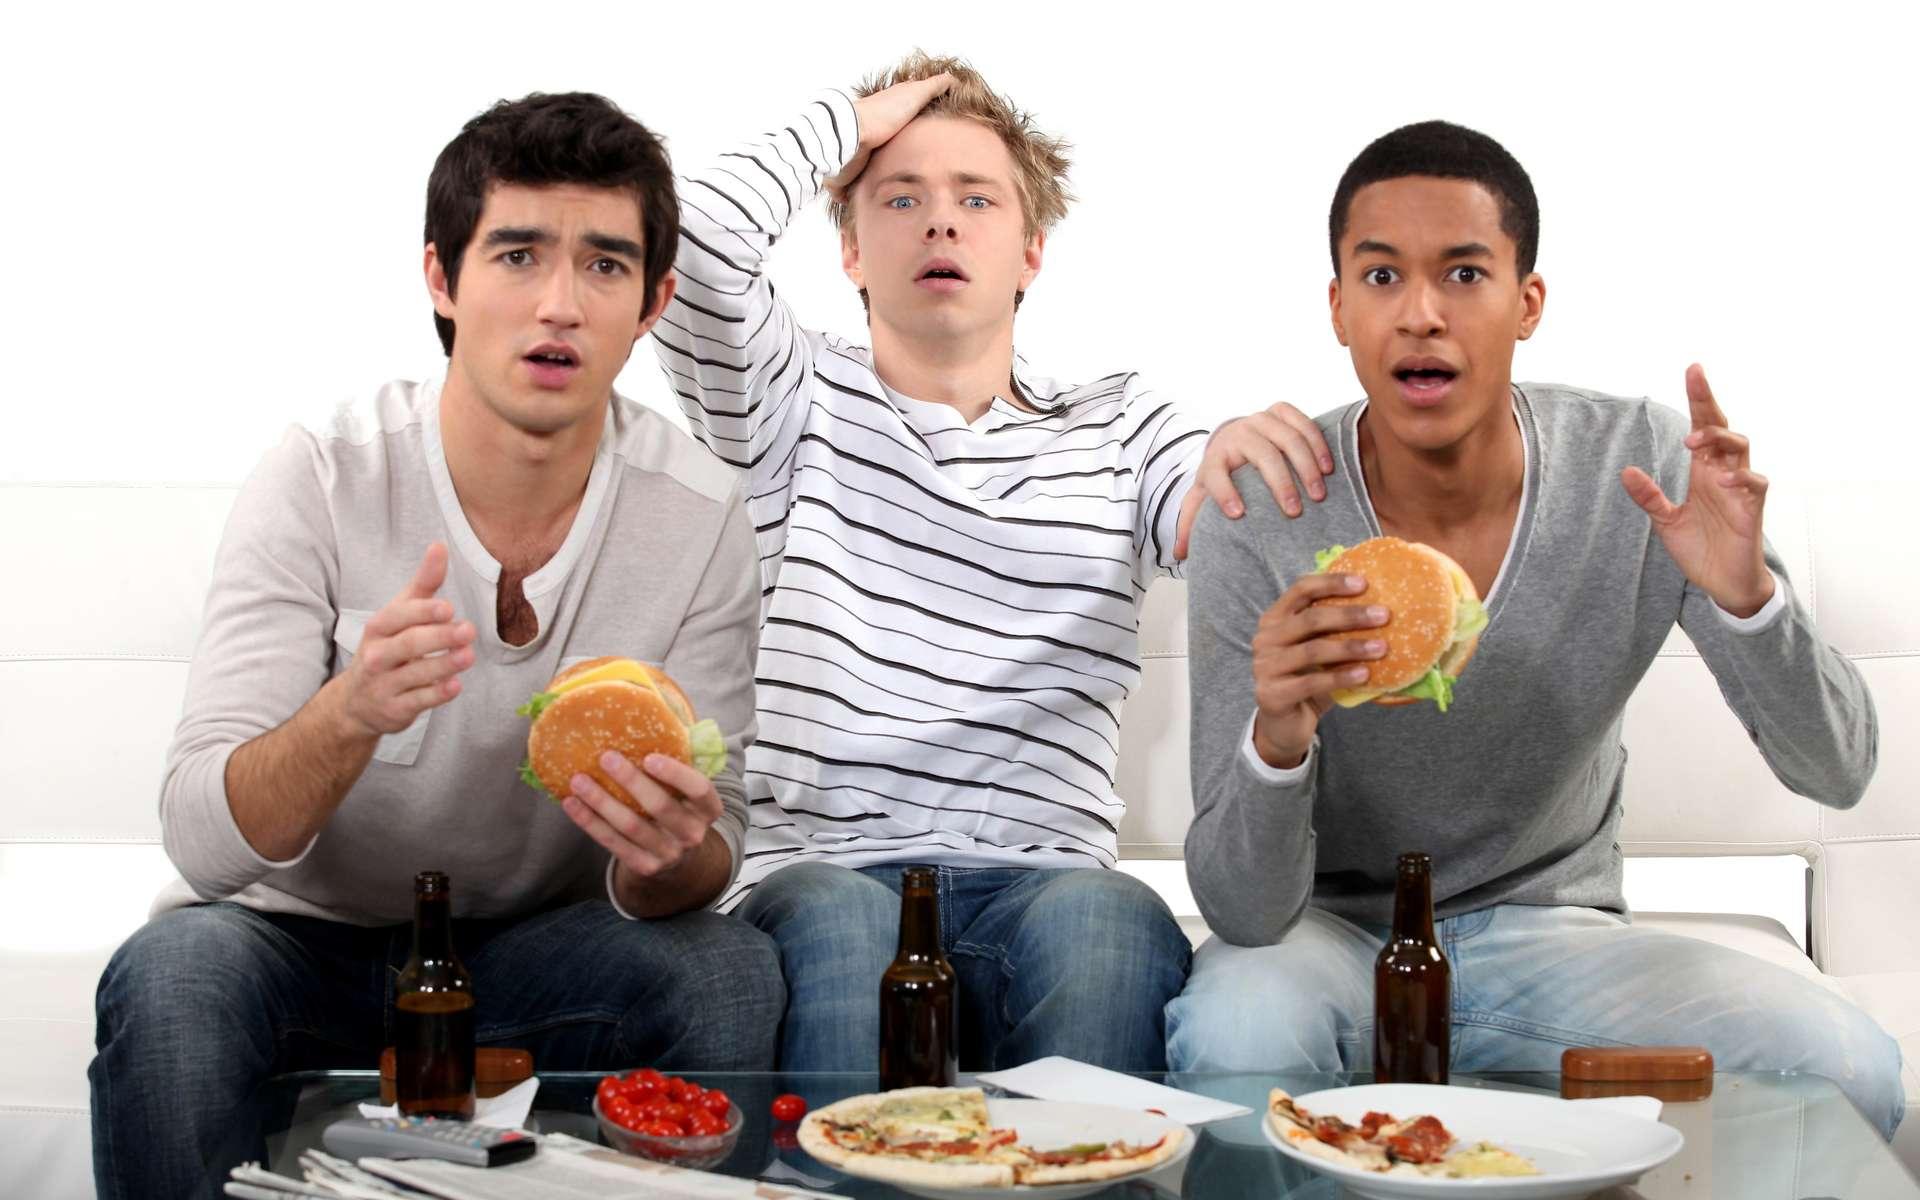 Les triglycérides proviennent des corps gras. Le cholestérol est produit par le foie. © Phovoir